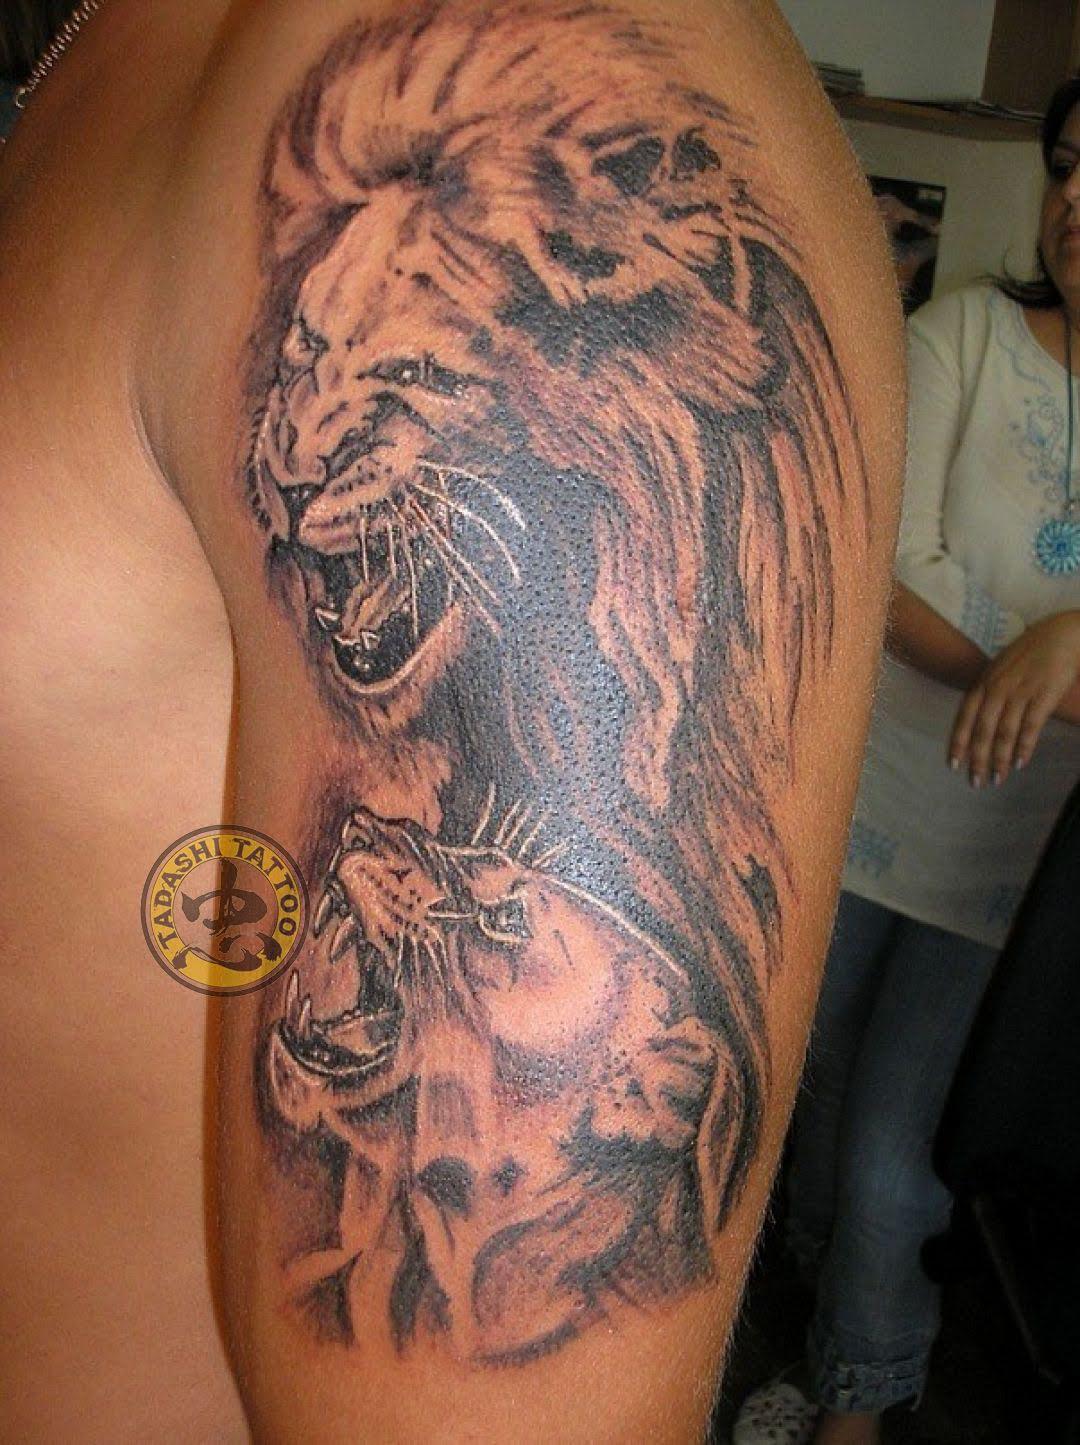 đầu sư tử đại diện cho cung với sự dũng mãnh quyền lực